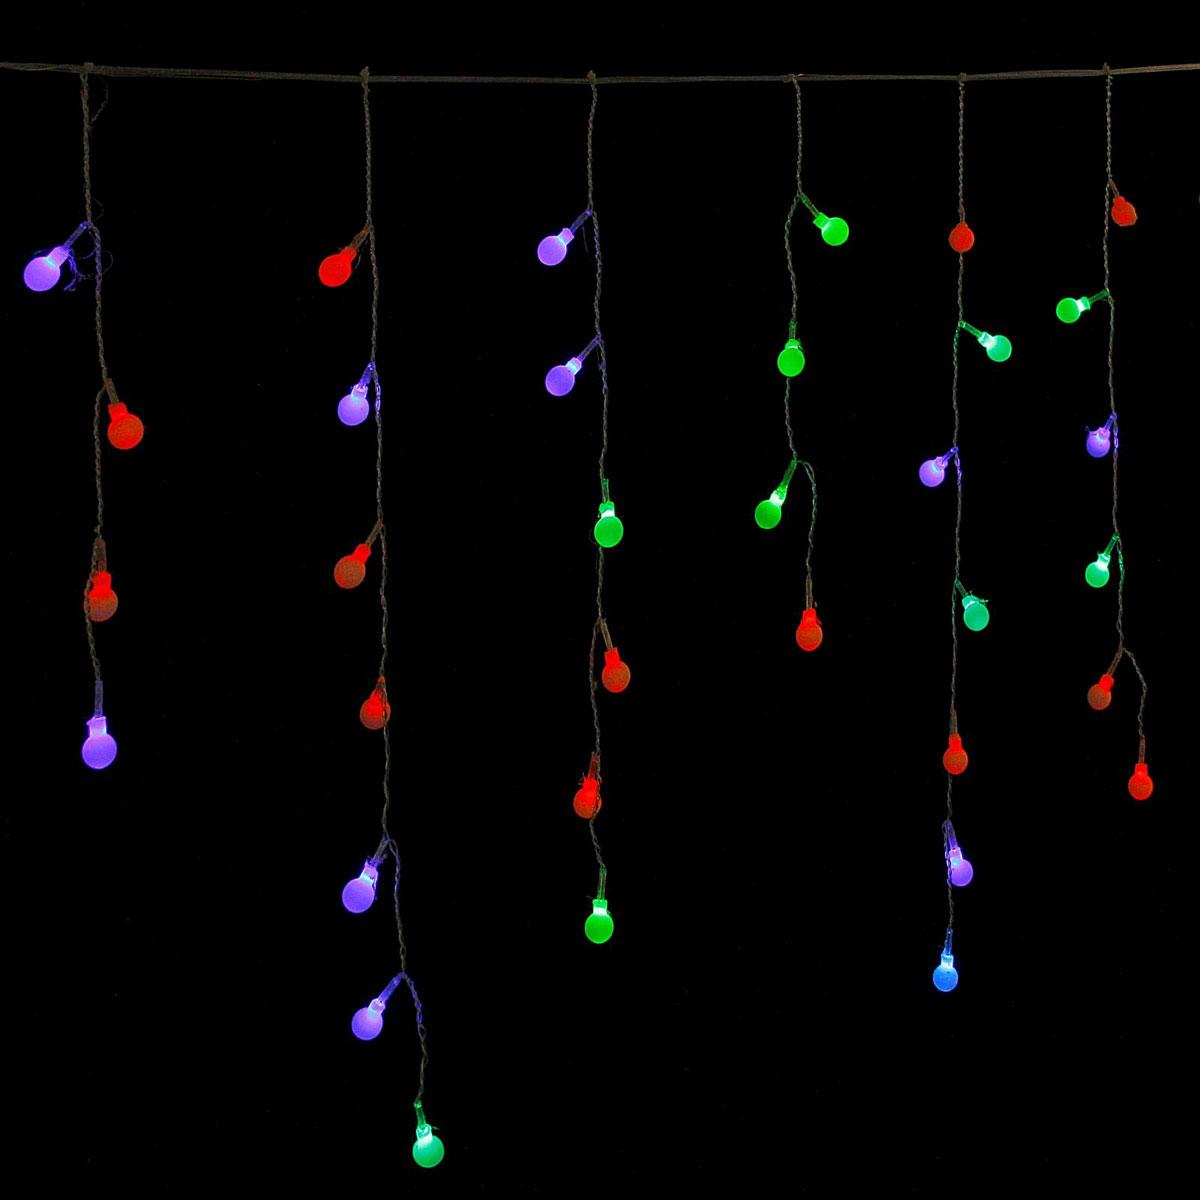 Гирлянда светодиодная Luazon Бахрома. Шарики, 48 ламп, 220 V, цвет: мультиколор, 1,4 х 0,3 м. 671649671649Светодиодные гирлянды, ленты и т.д — это отличный вариант для новогоднего оформления интерьера или фасада. С их помощью помещение любого размера можно превратить в праздничный зал, а внешние элементы зданий, украшенные ими, мгновенно станут напоминать очертания сказочного дворца. Такие украшения создают ауру предвкушения чуда. Деревья, фасады, витрины, окна и арки будто специально созданы, чтобы вы украсили их светящимися нитями.